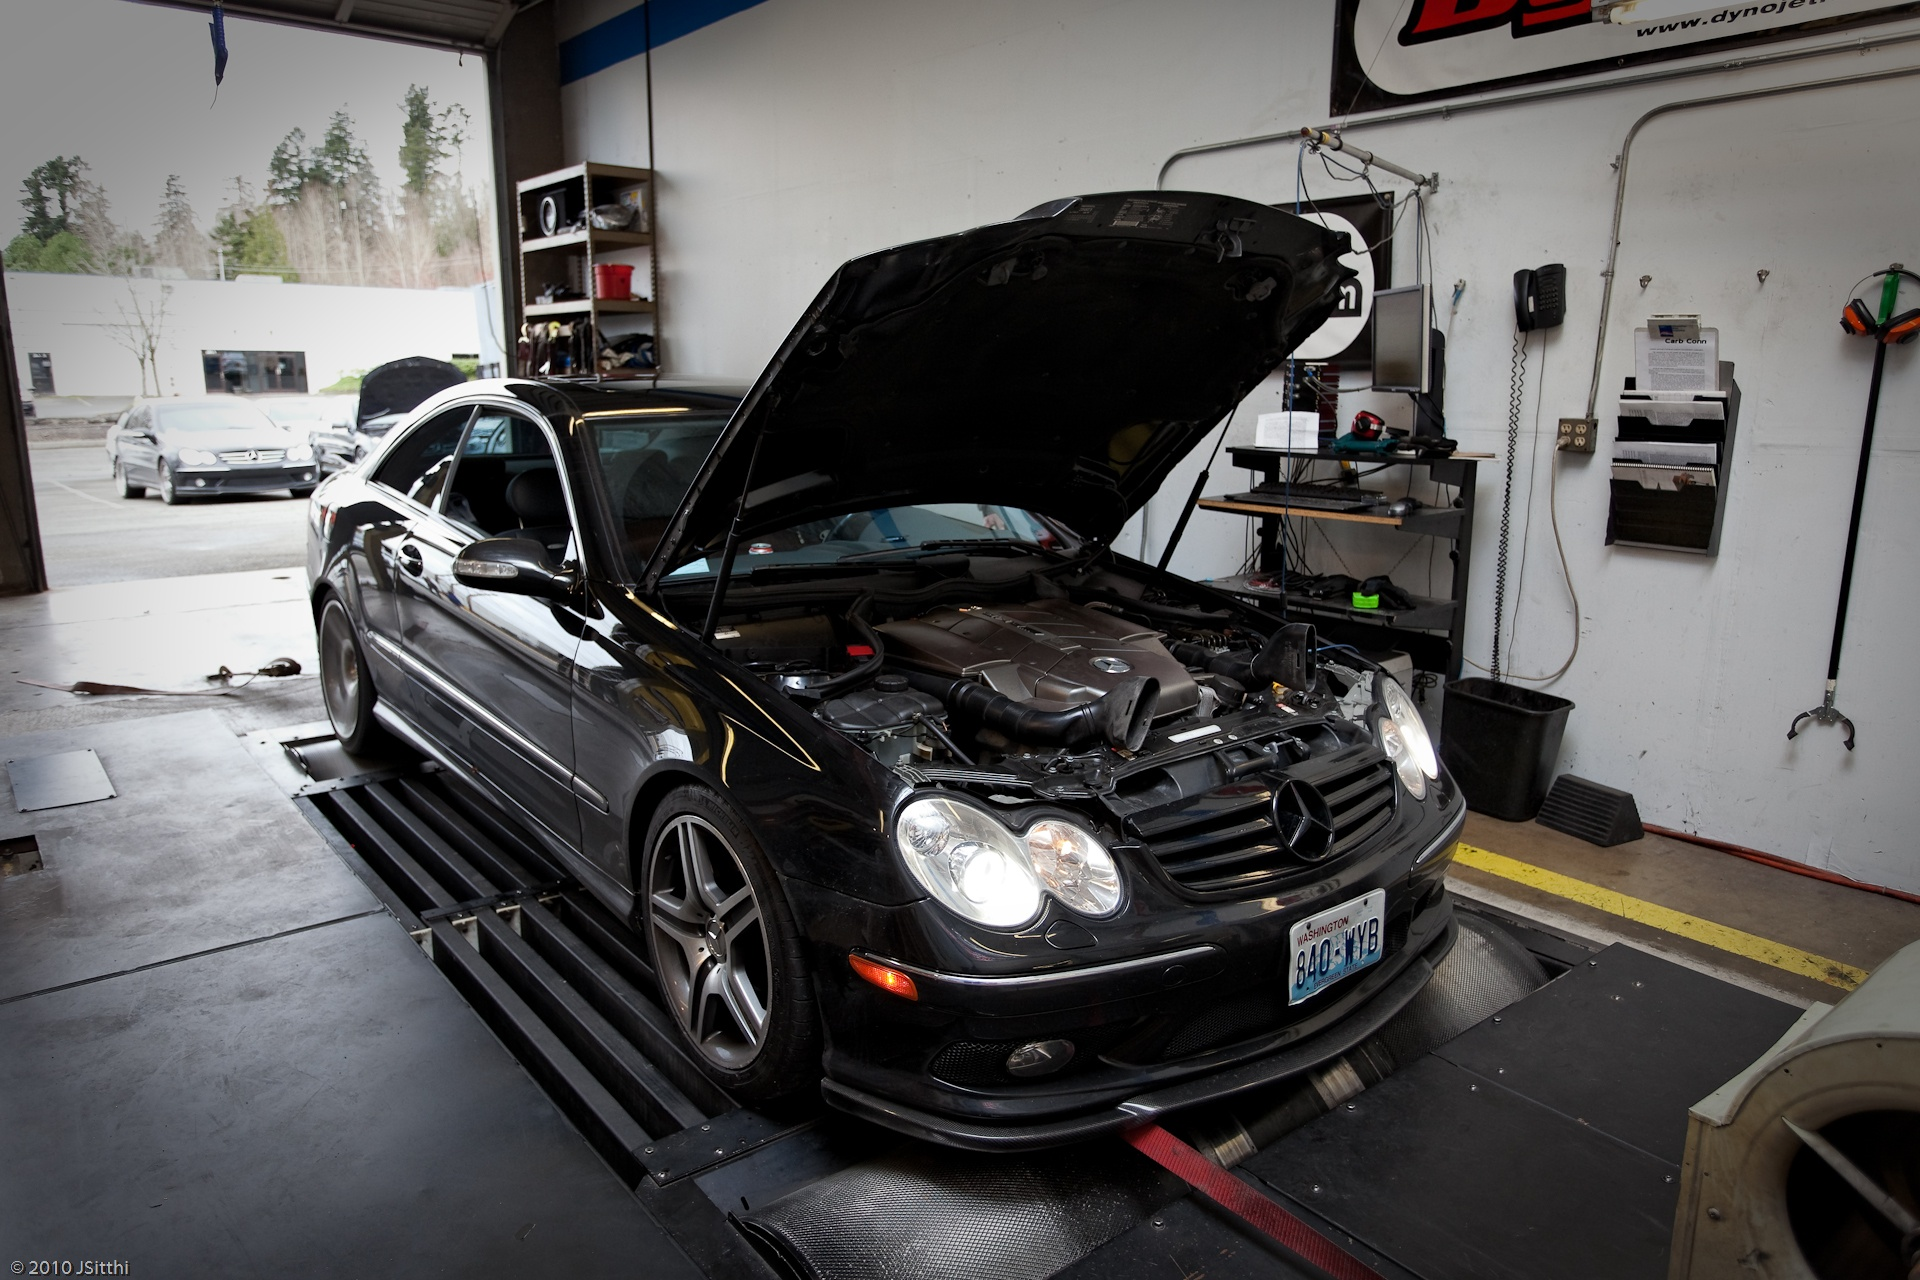 Mercedes-Benz-Clk55-amg